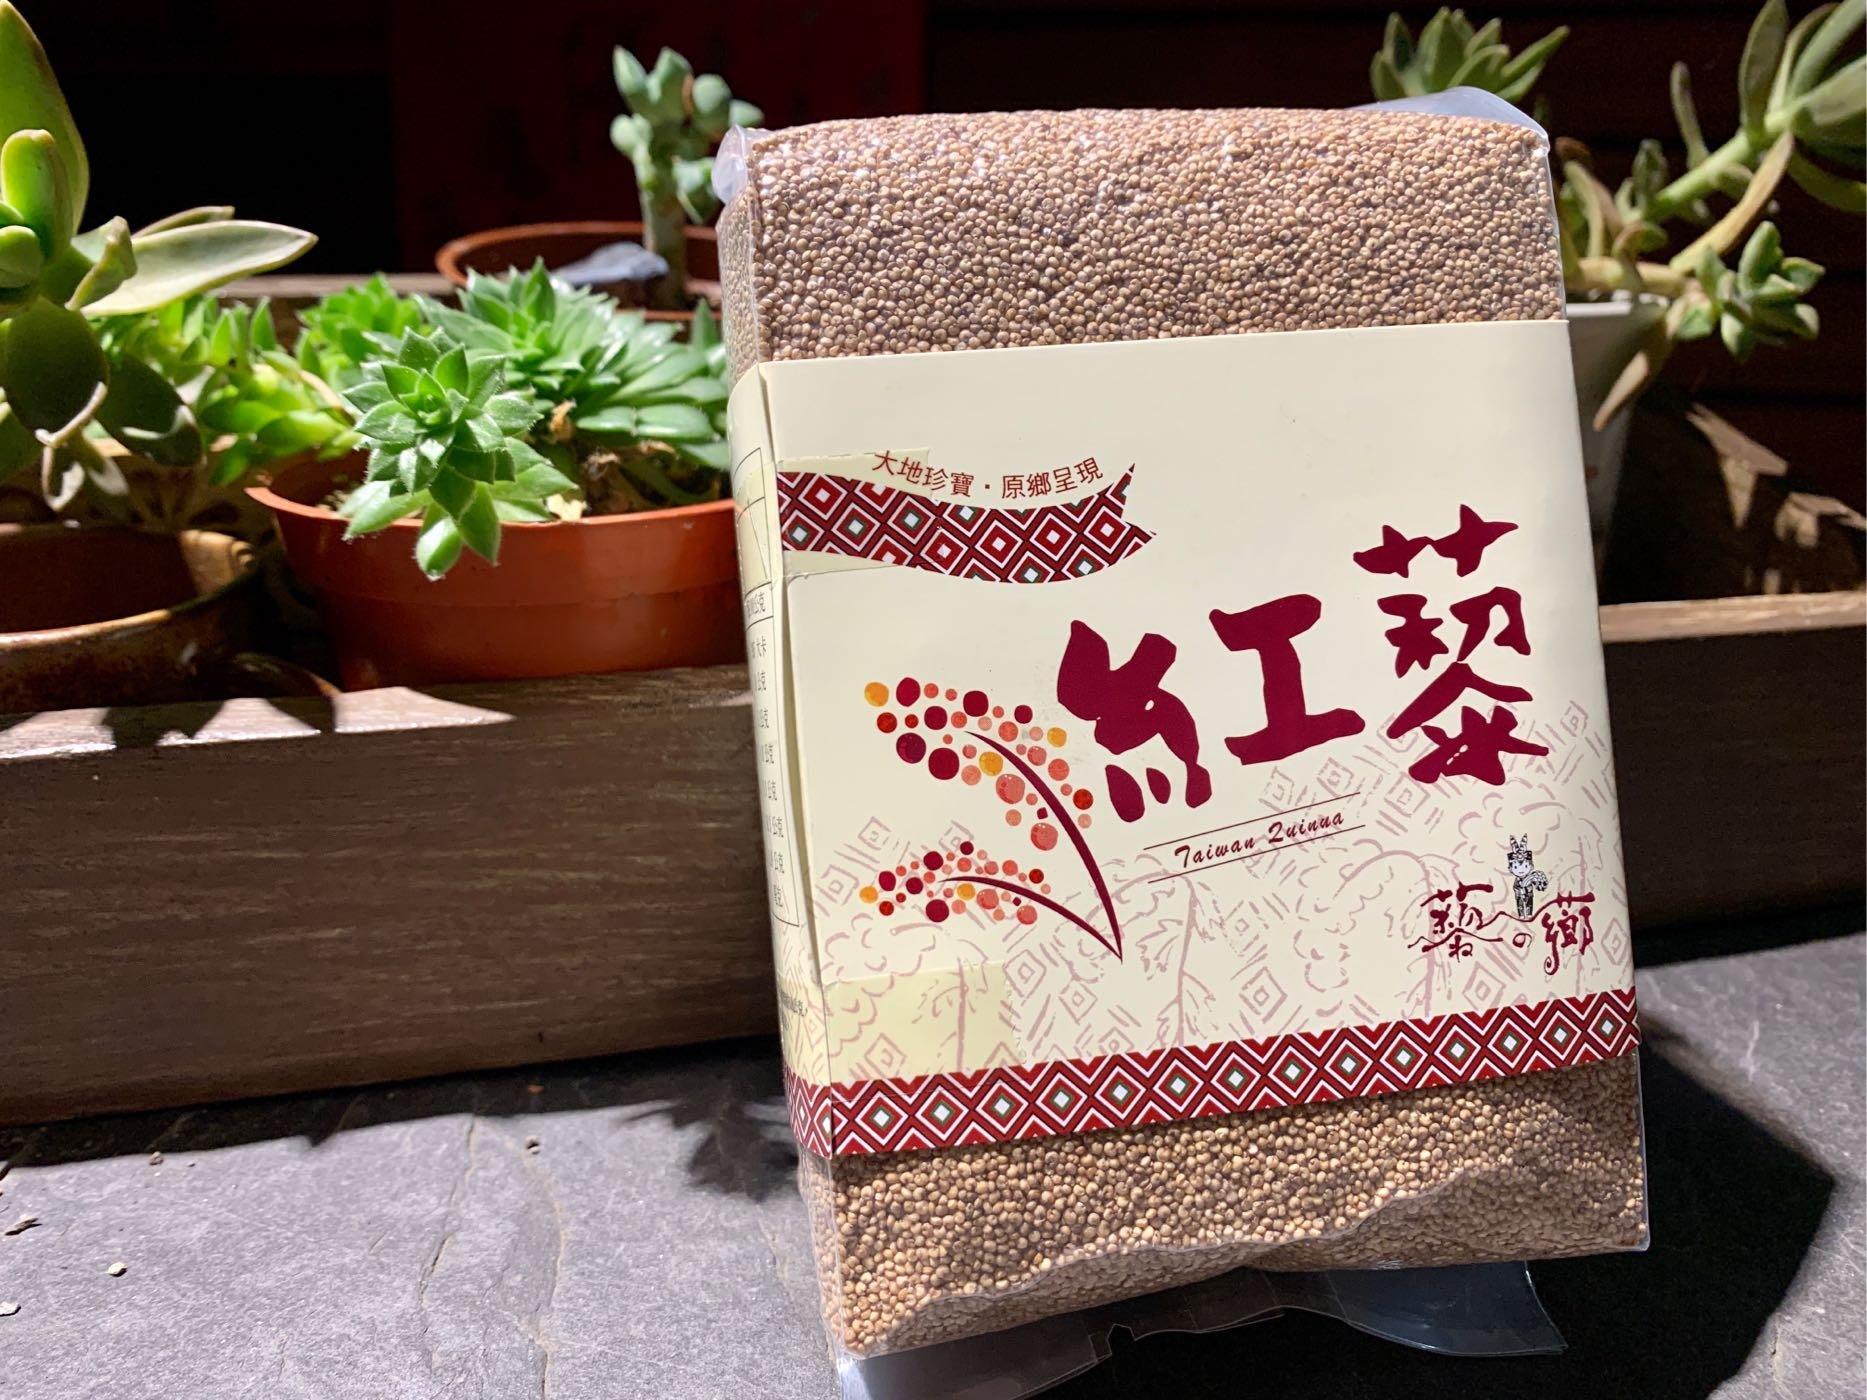 【藜之薌】脫殼紅藜(脫殼)一斤/600g 真空包裝 台灣藜 原鄉 自然耕法 紅黎 去殼